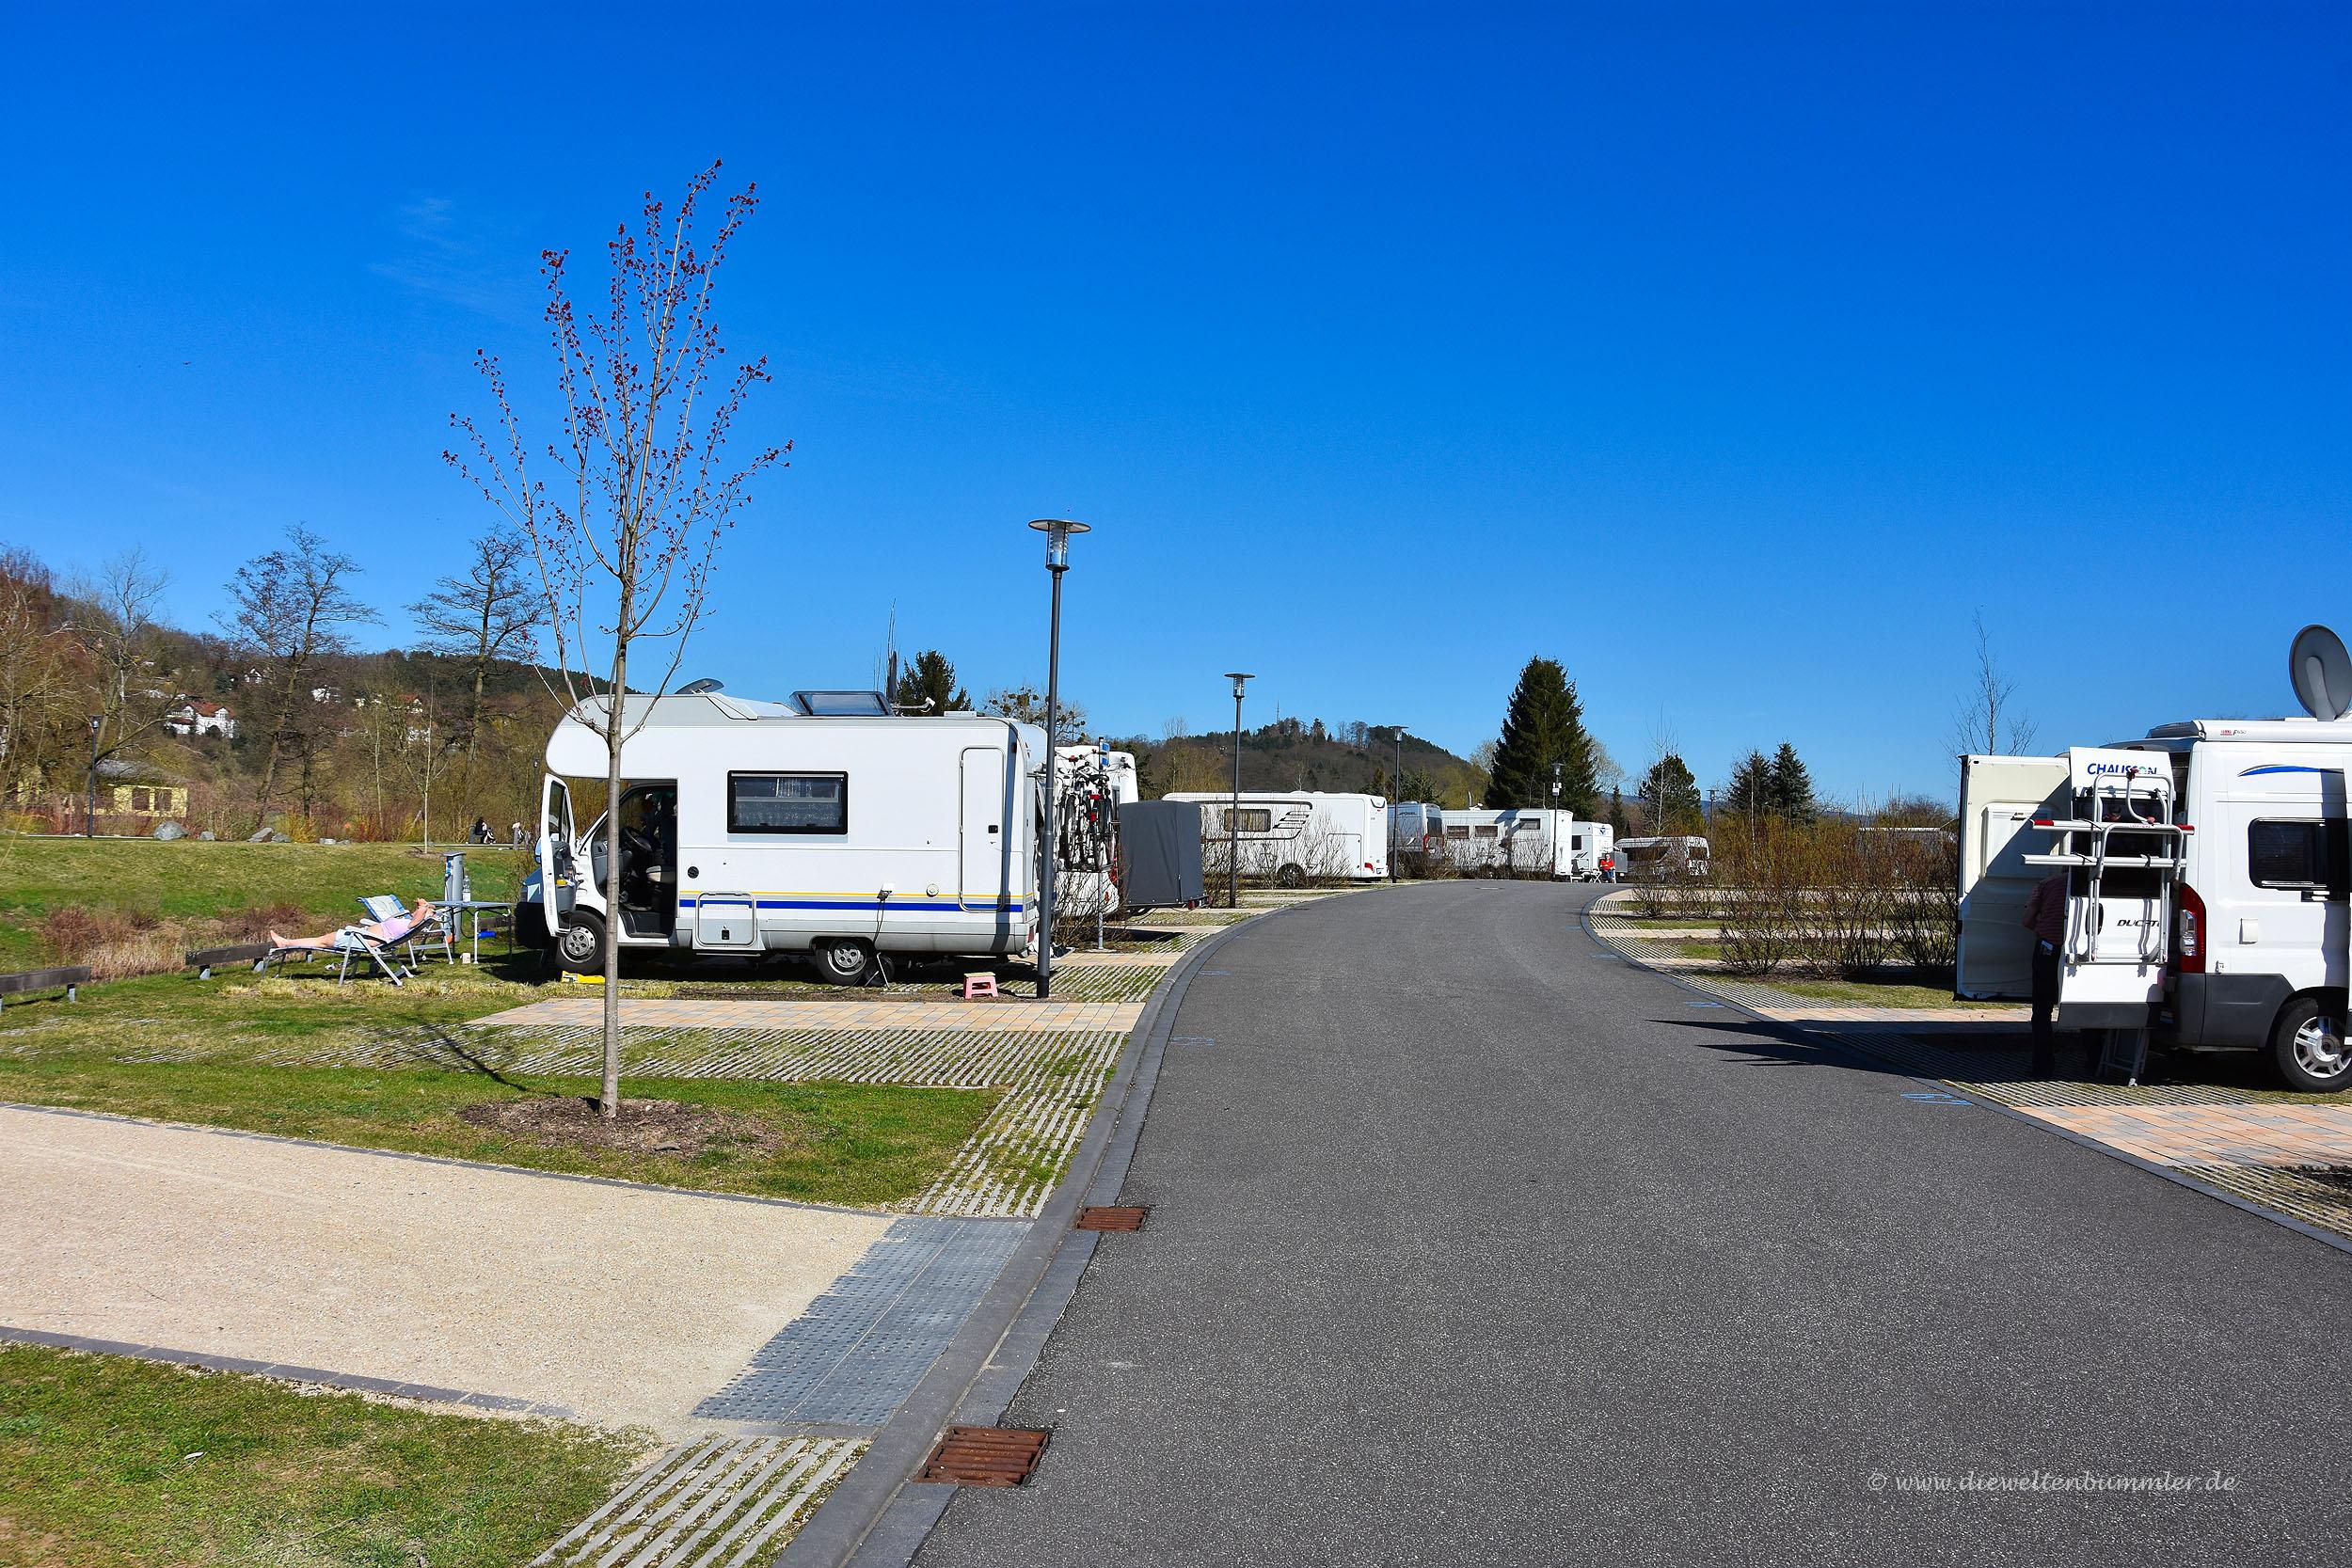 Wohnmobilstellplatz in Bad Salzungen